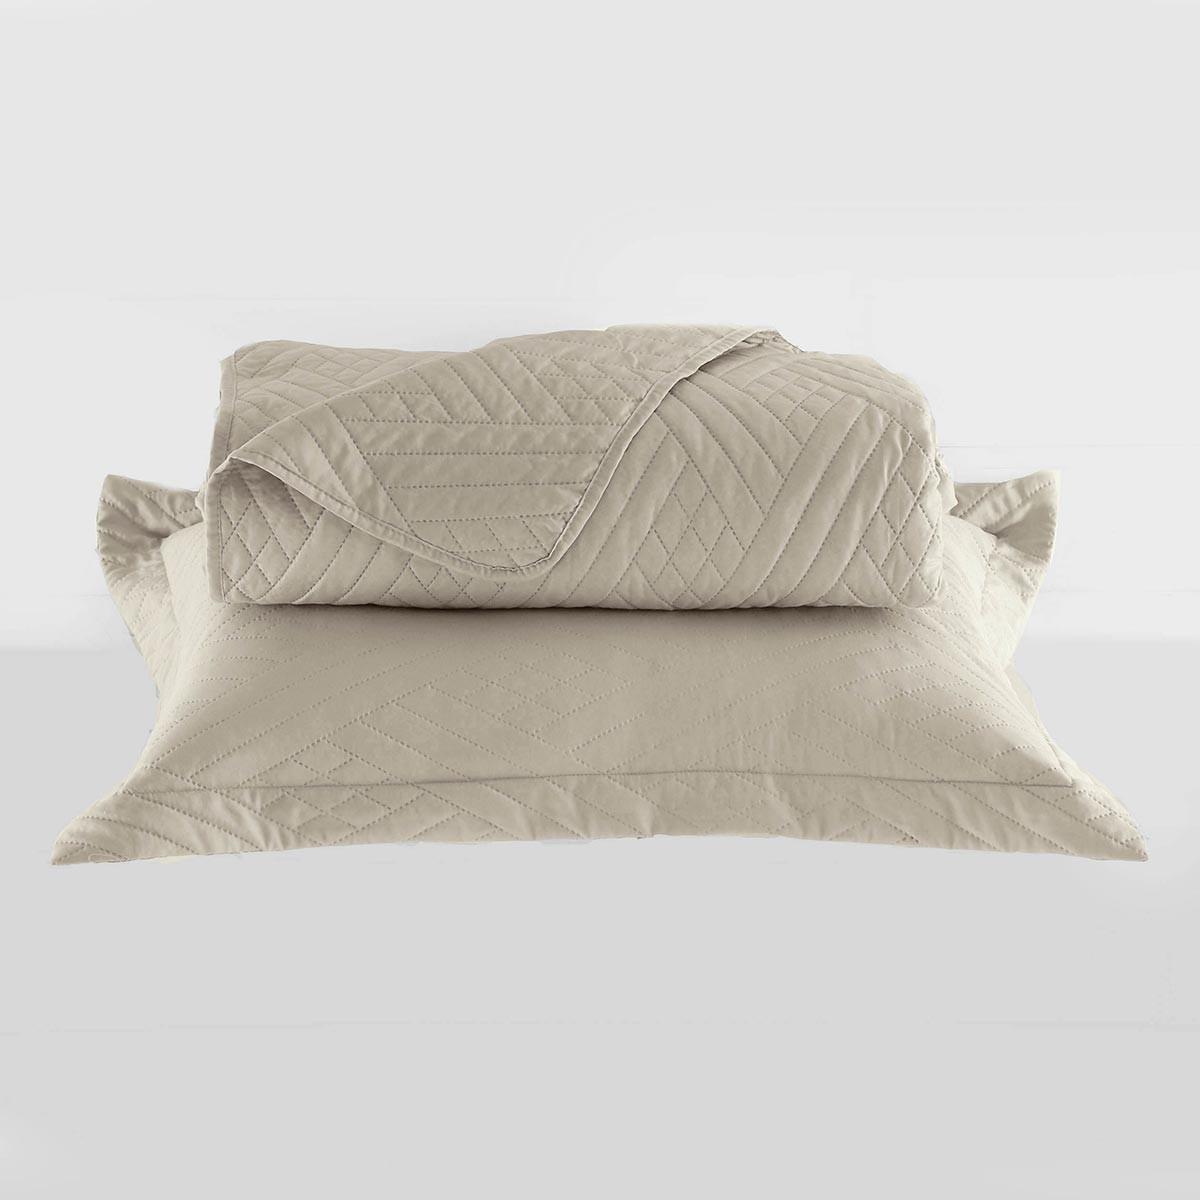 Κουβερλί Υπέρδιπλο (Σετ) Rythmos Lucie Grey home   κρεβατοκάμαρα   κουβερλί   κουβερλί υπέρδιπλα